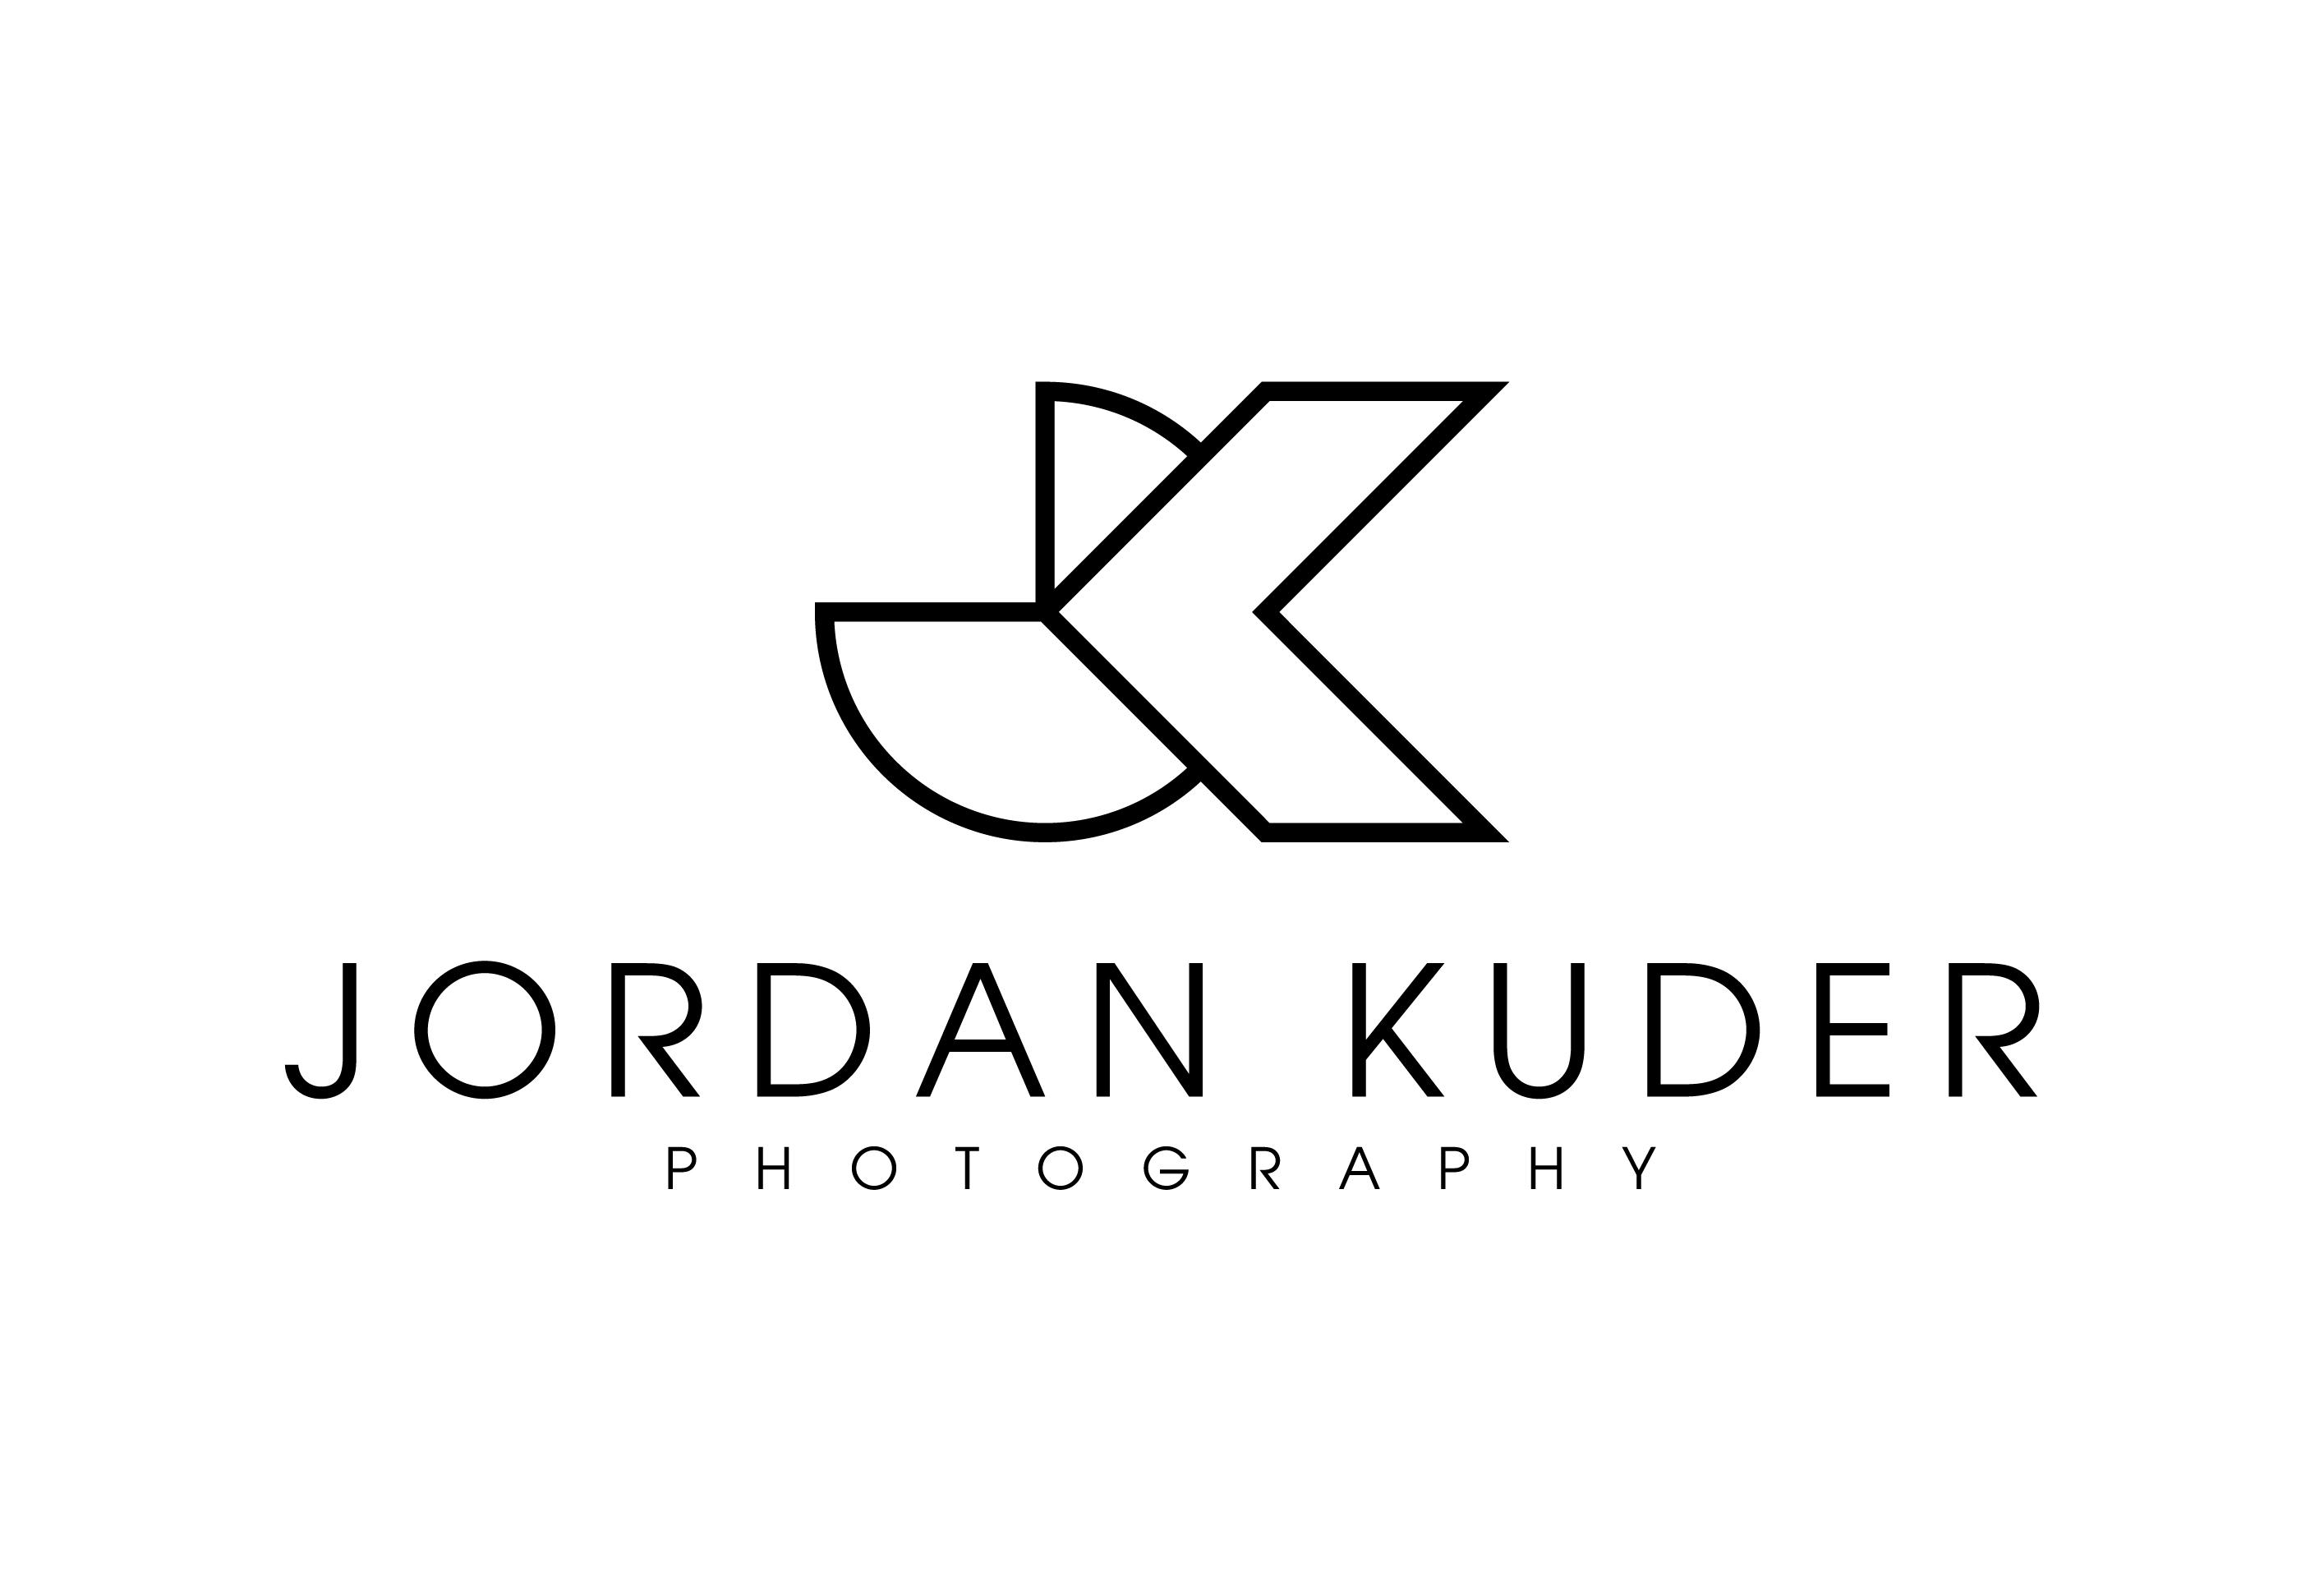 Jordan Kuder Photography Logo